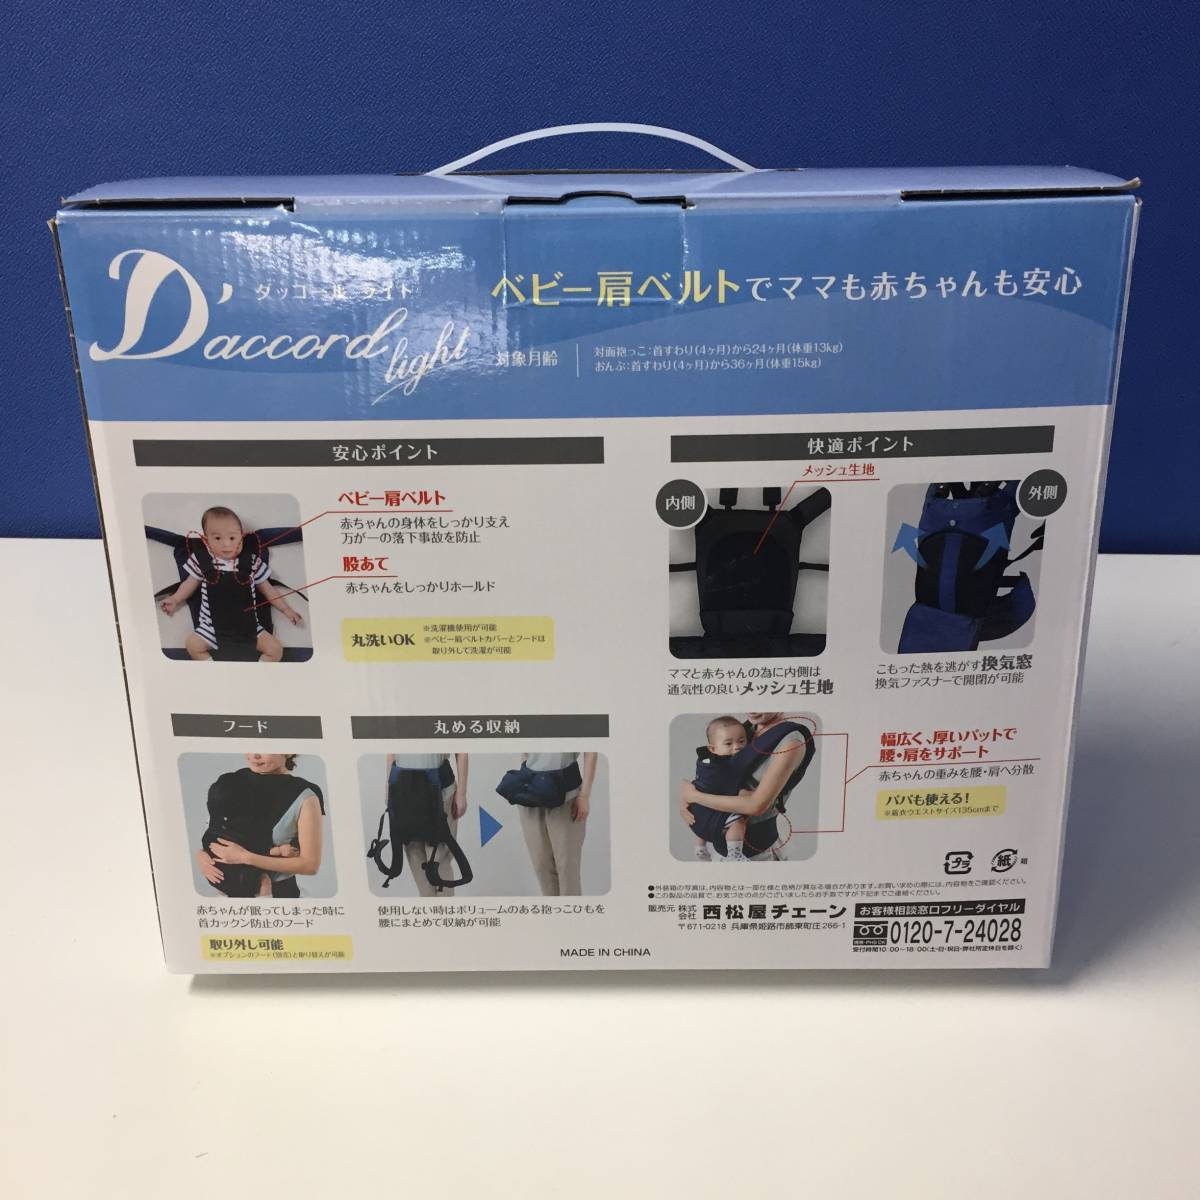 ★【良品】西松屋 D'accord light ダッコールライト ブラック 抱っこ紐_画像8